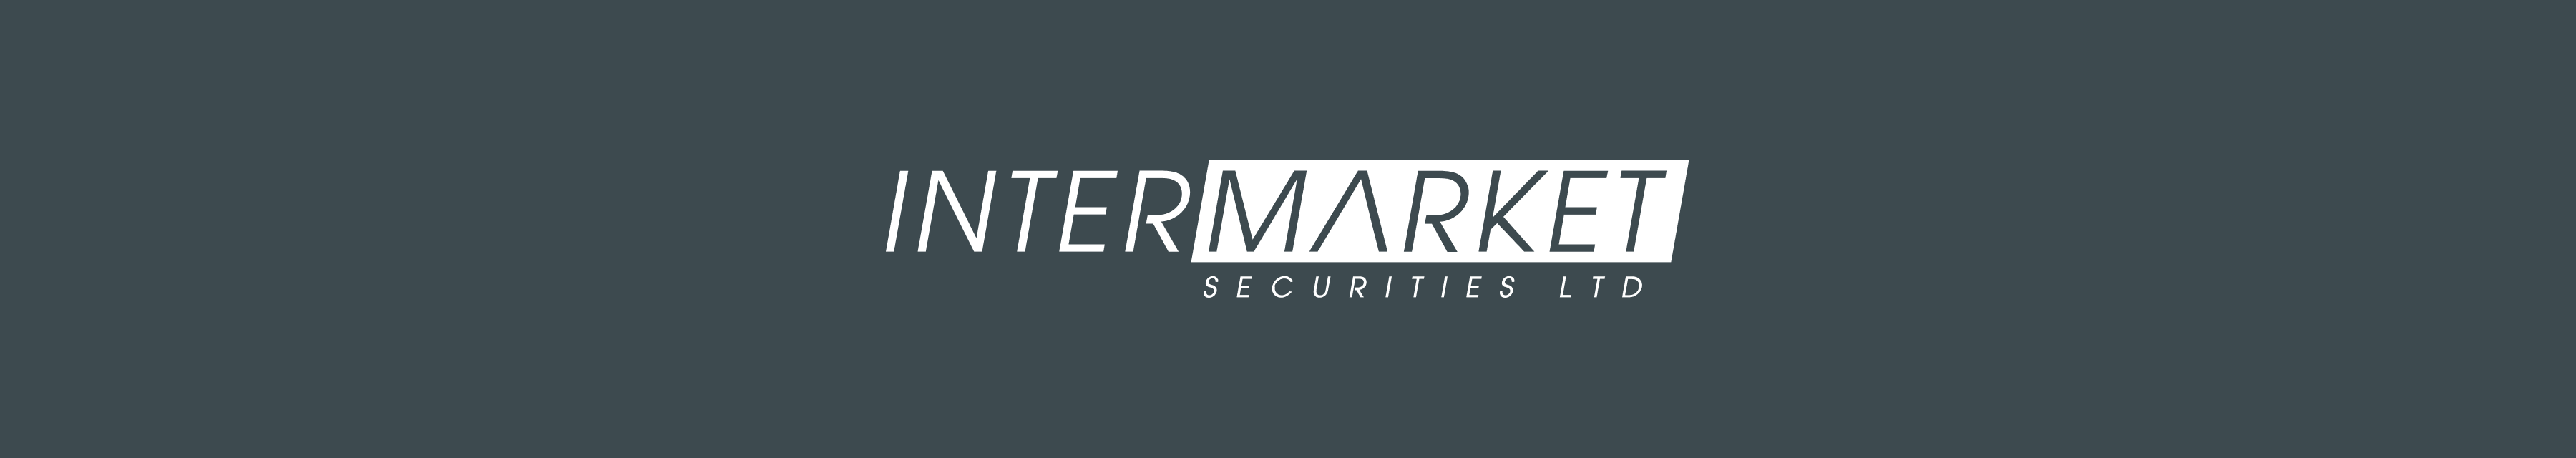 Intermarket Securities